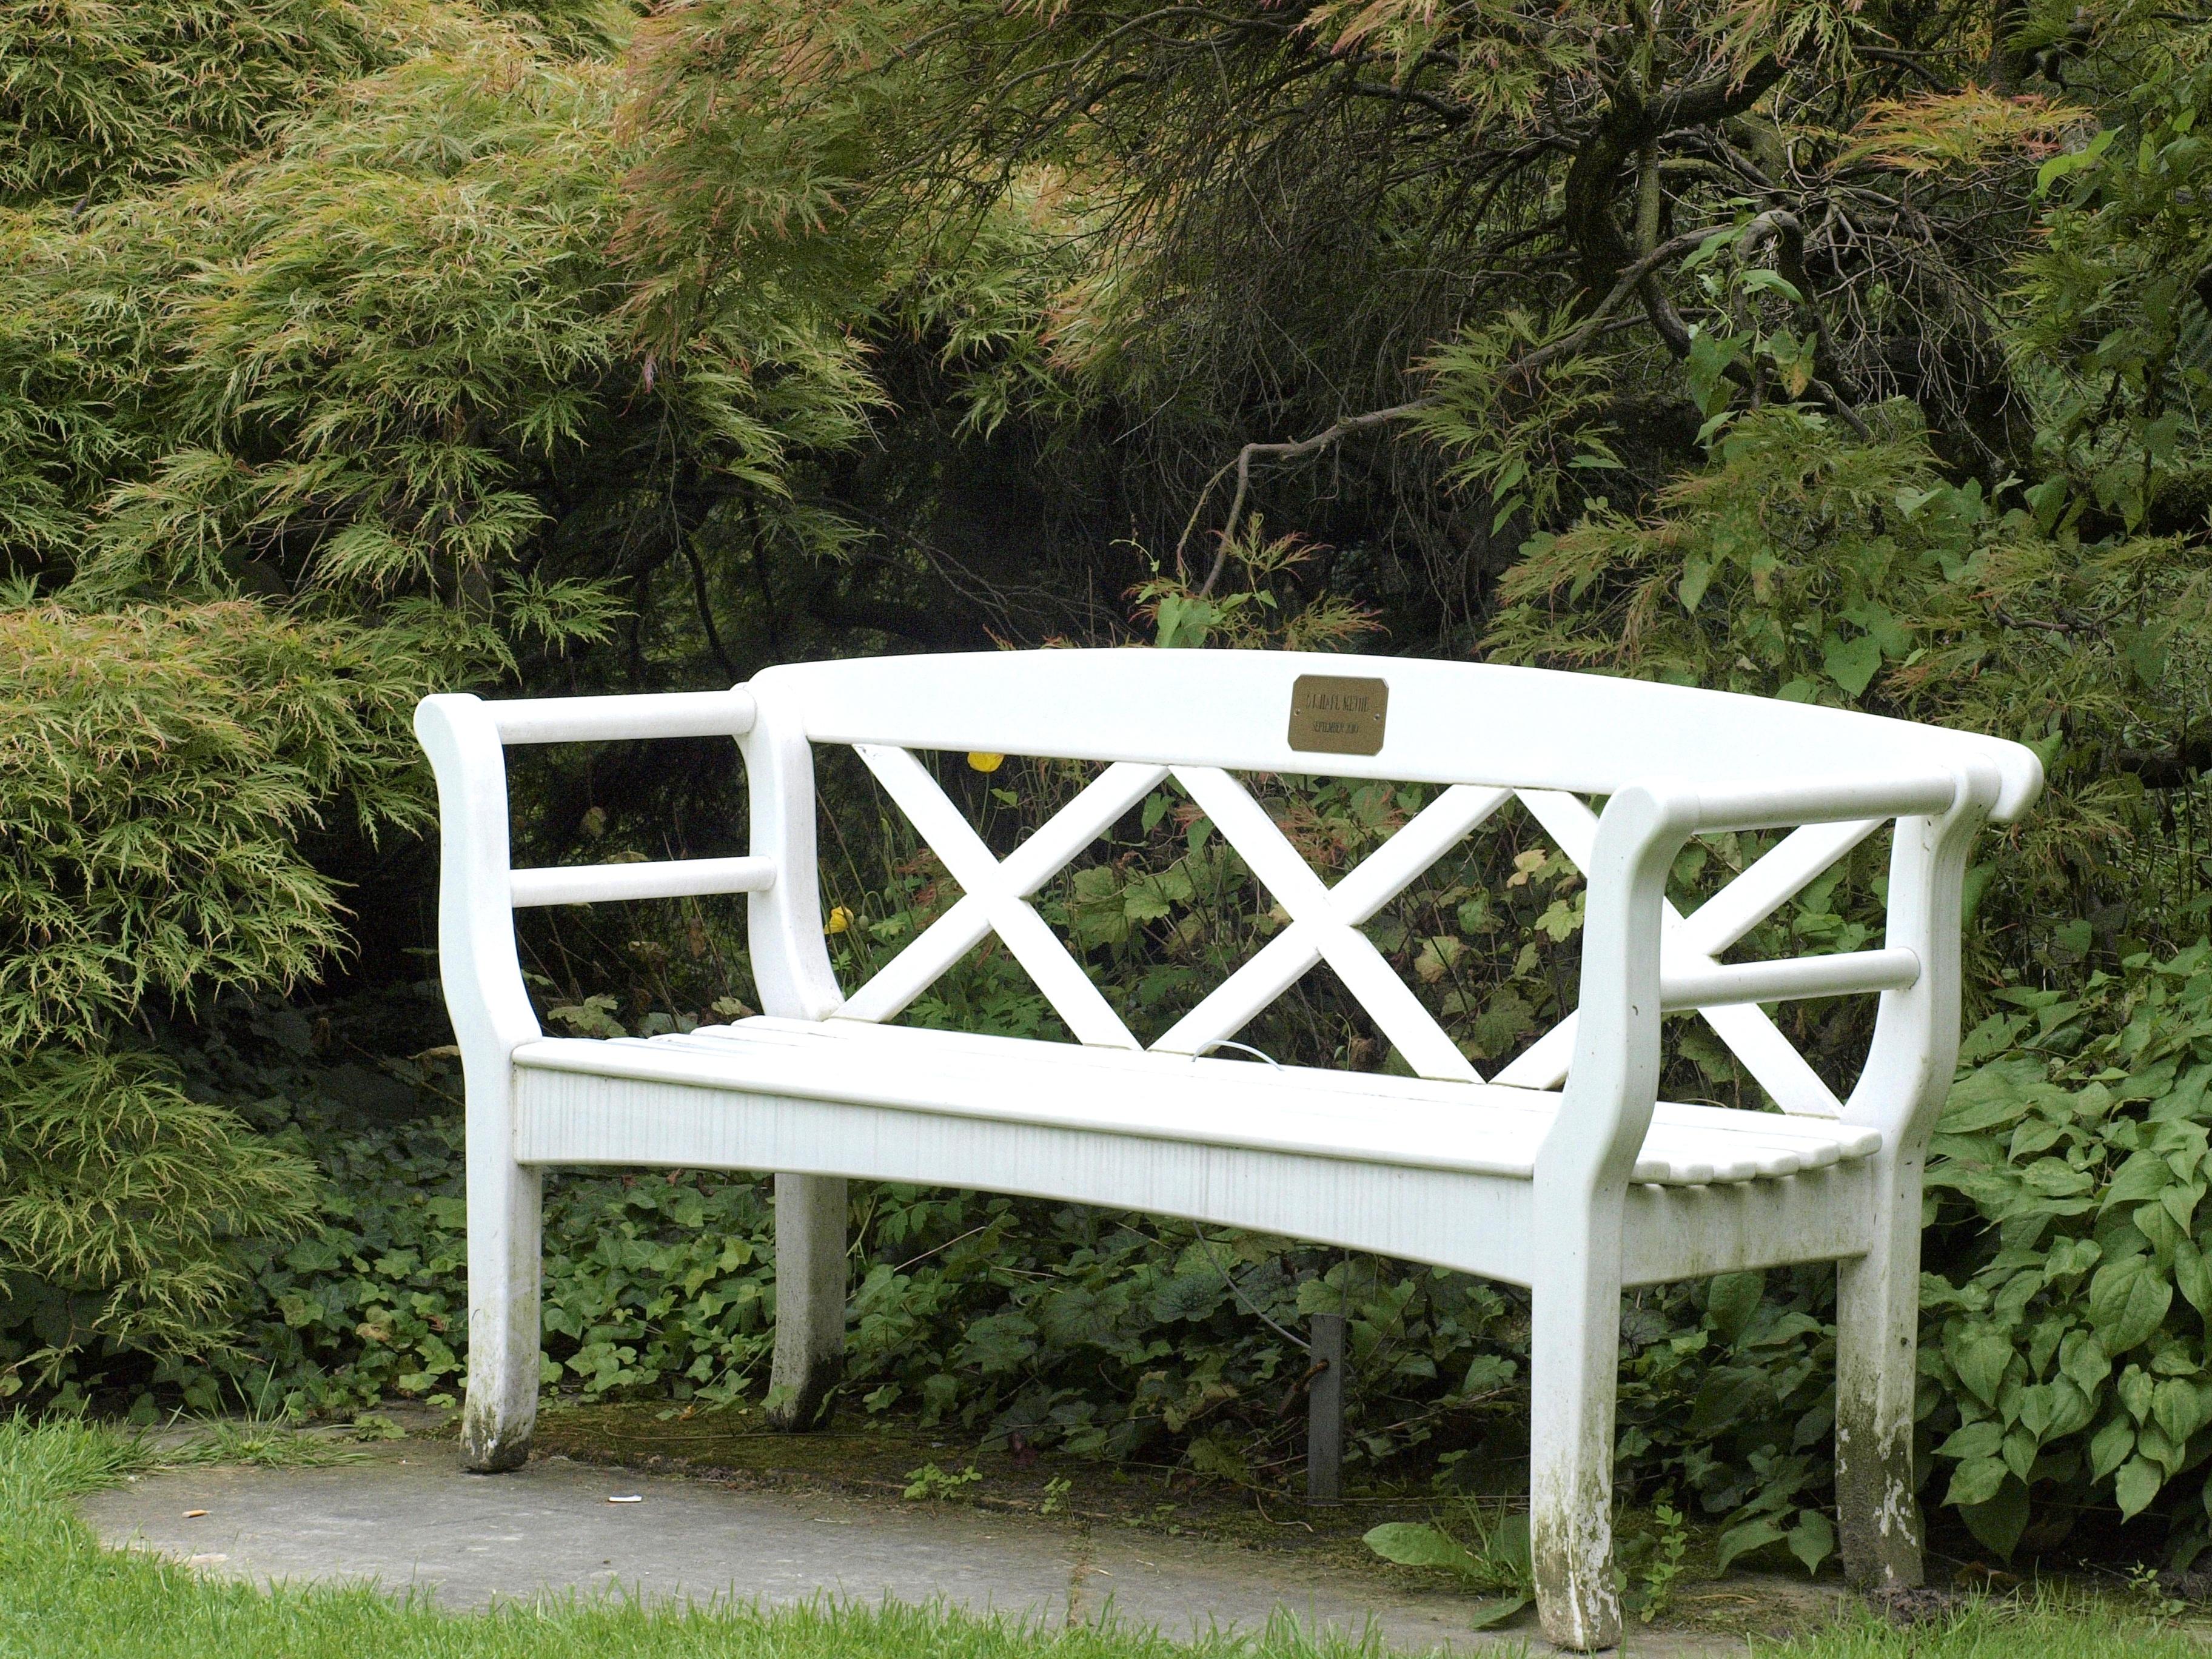 Fotos gratis : mesa, banco, Banco del parque, sentar, fuera, lugar ...